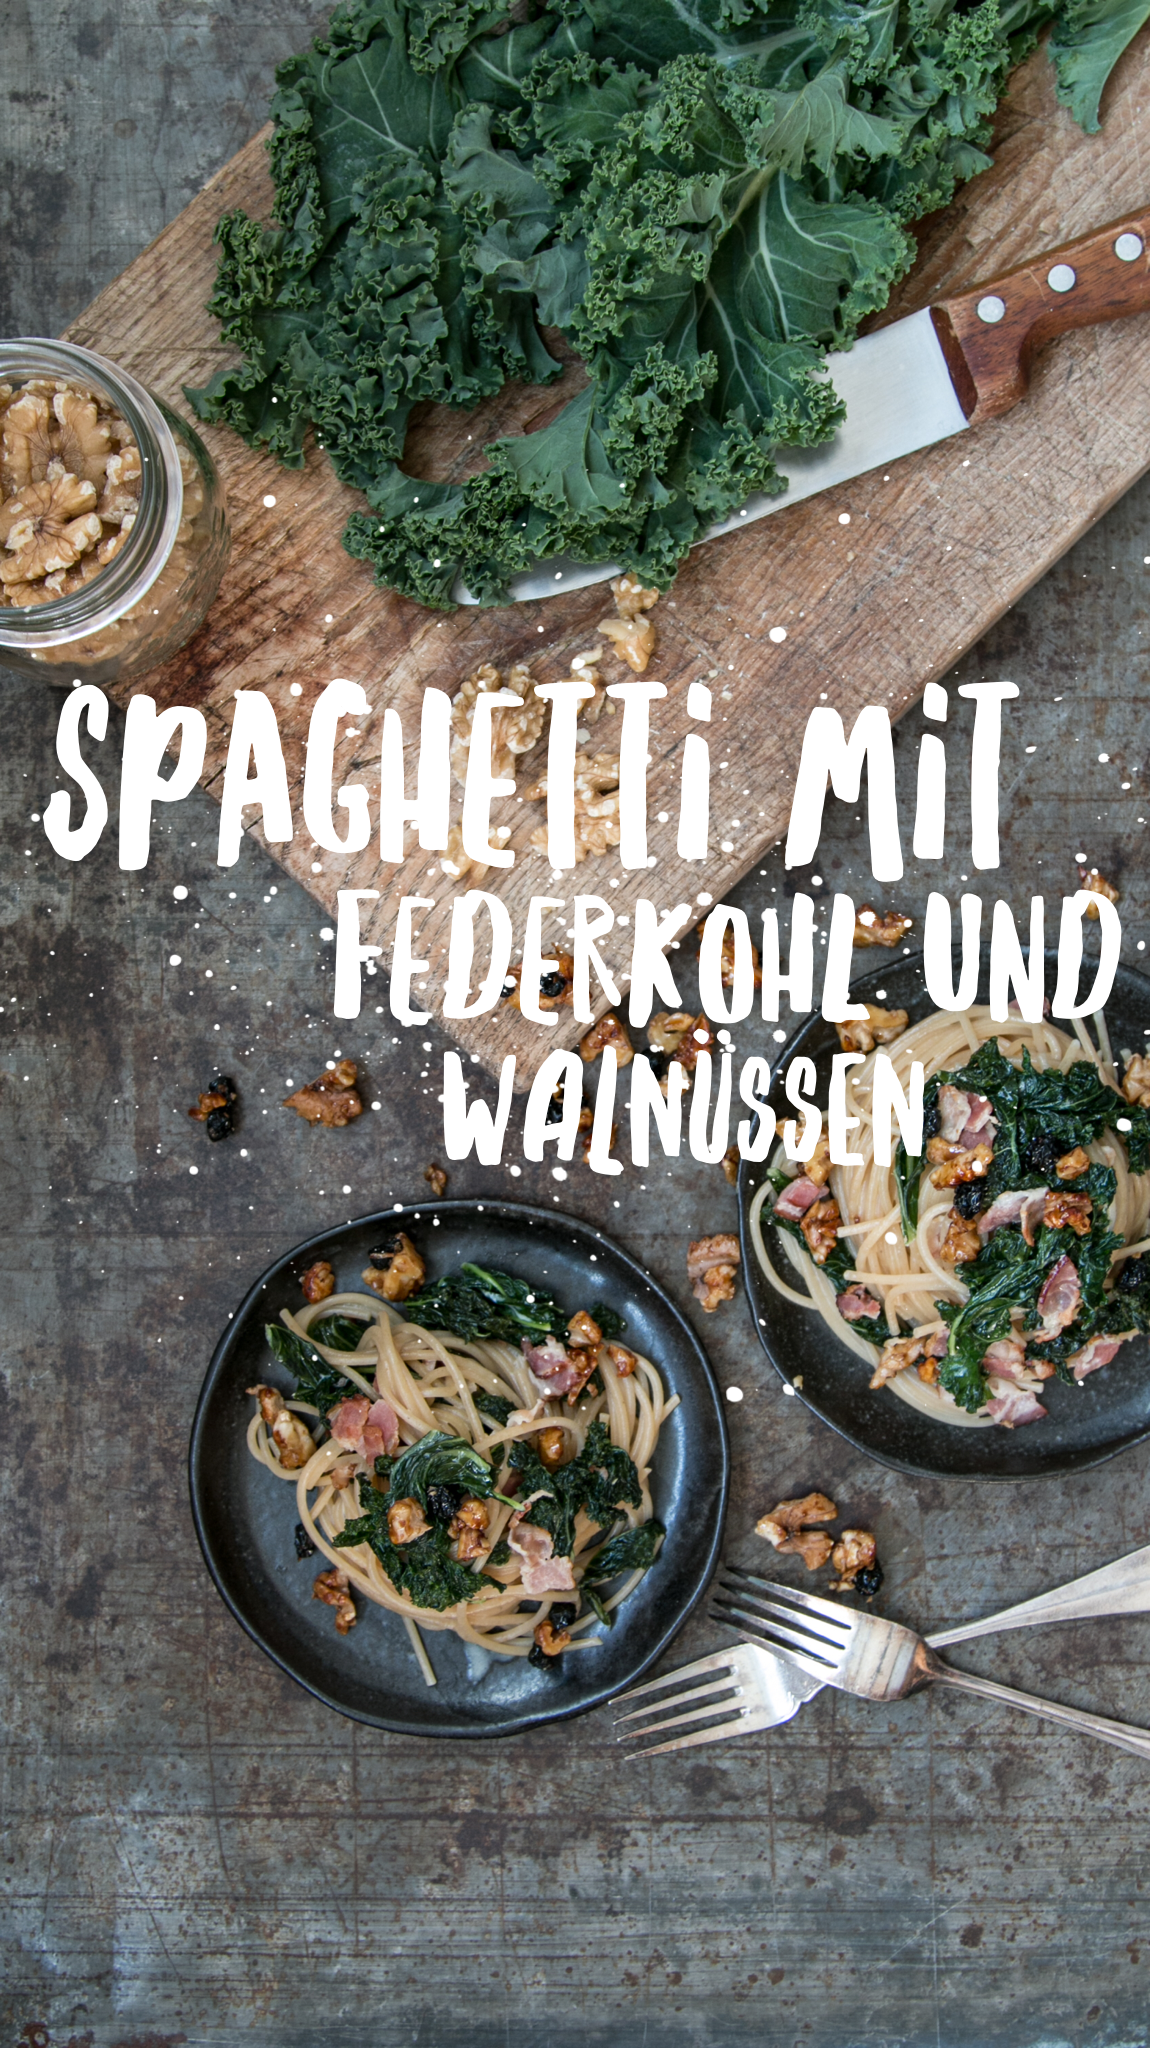 Spaghetti mit Federkohl und Walnüssen Rezep